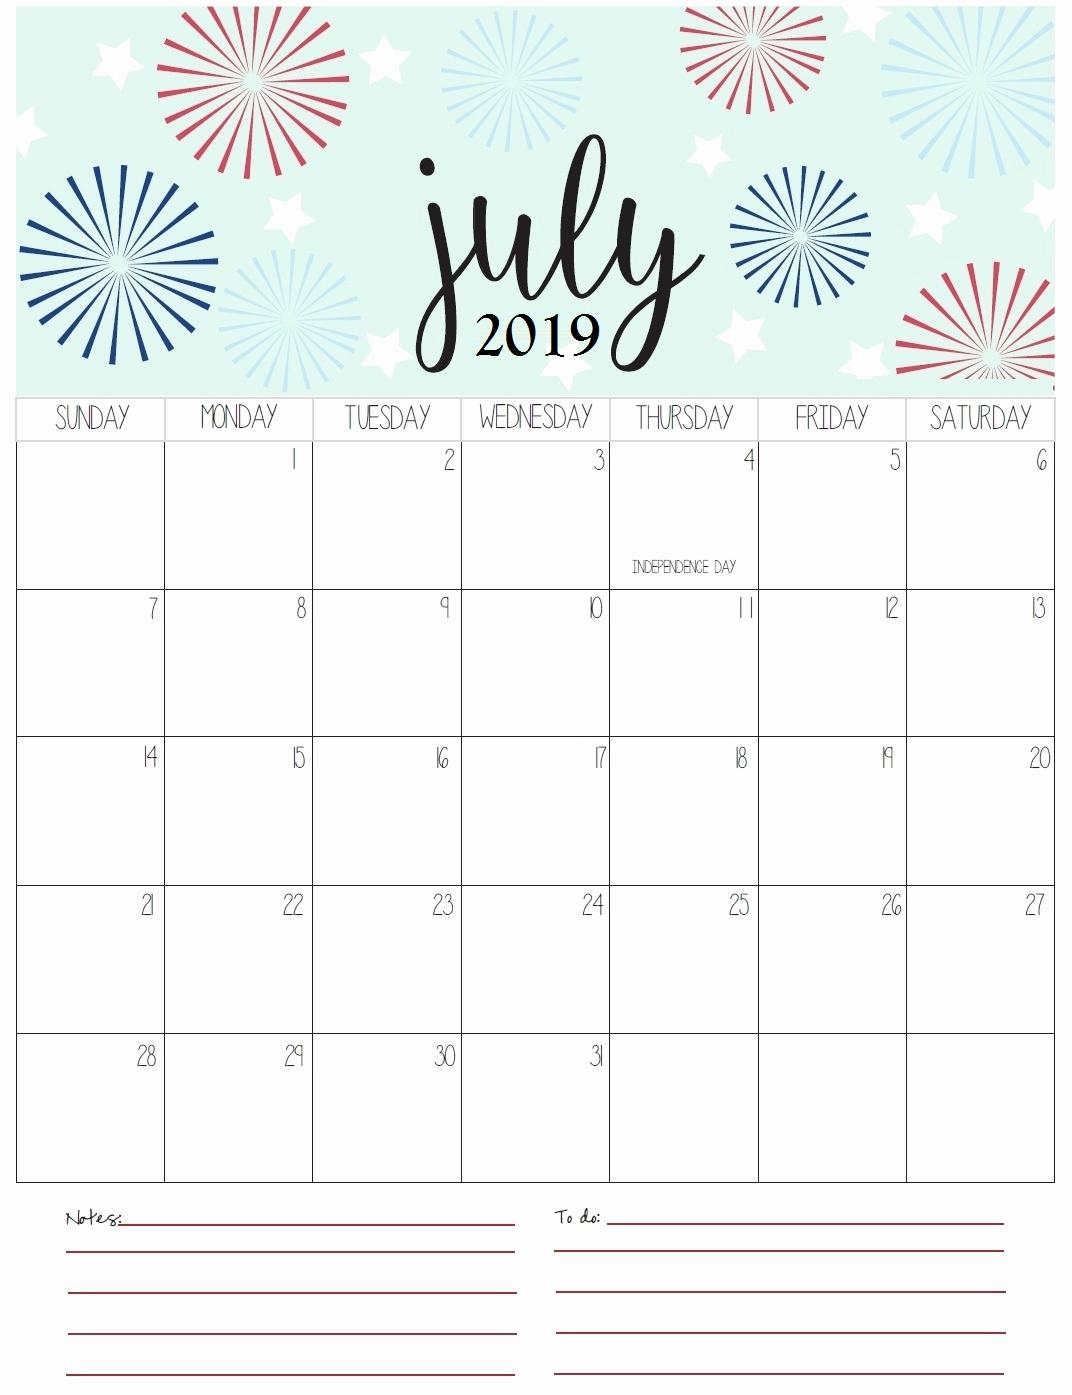 Printable July 2019 Calendar Pdf Word Excel Template regarding Cute August Calendar Printable Template